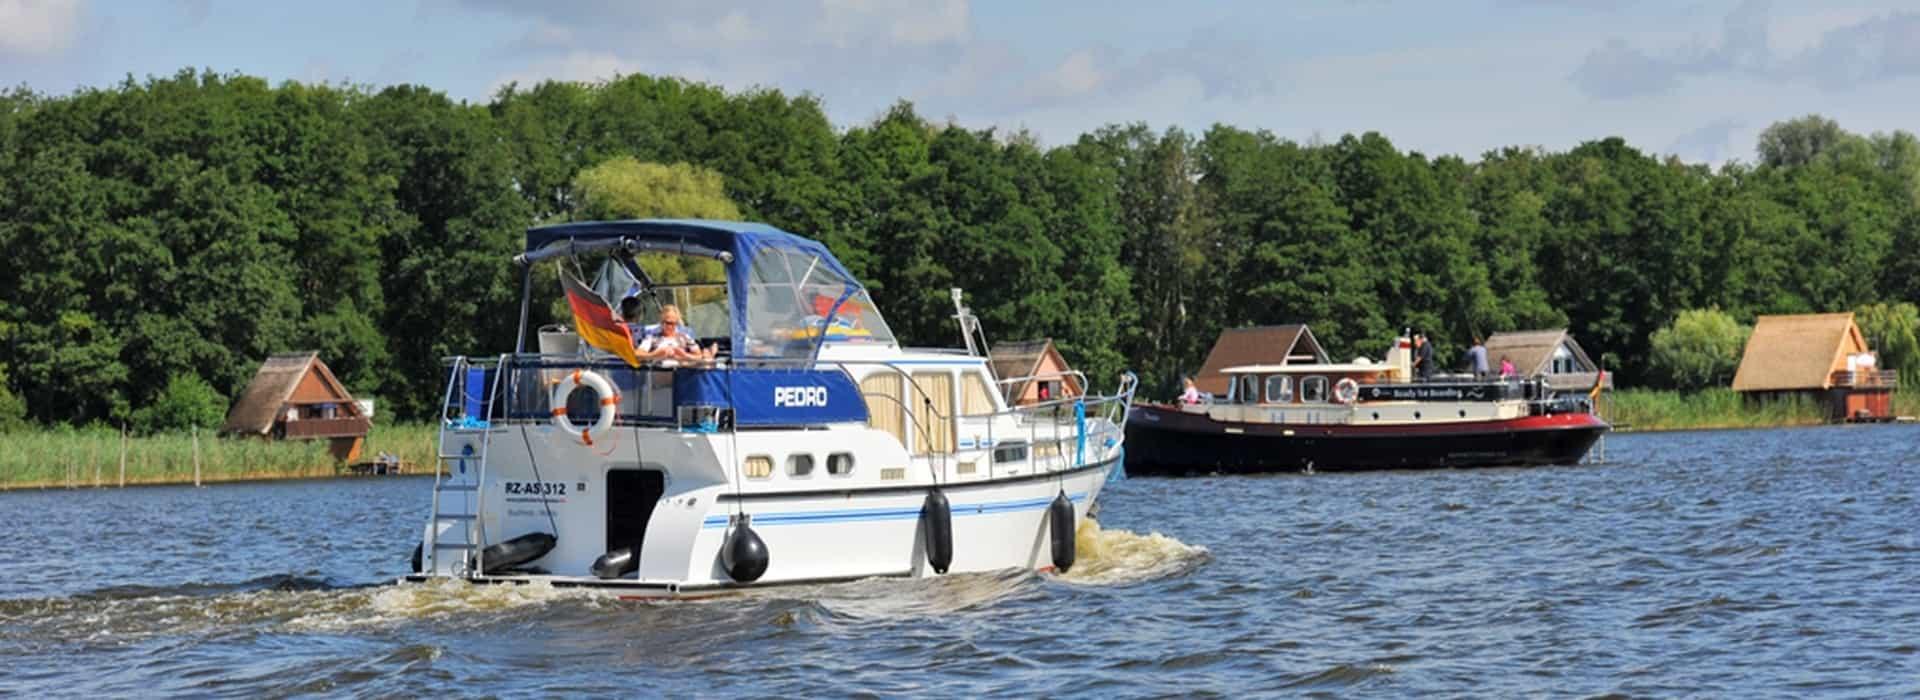 Bootsverleih an der Müritz